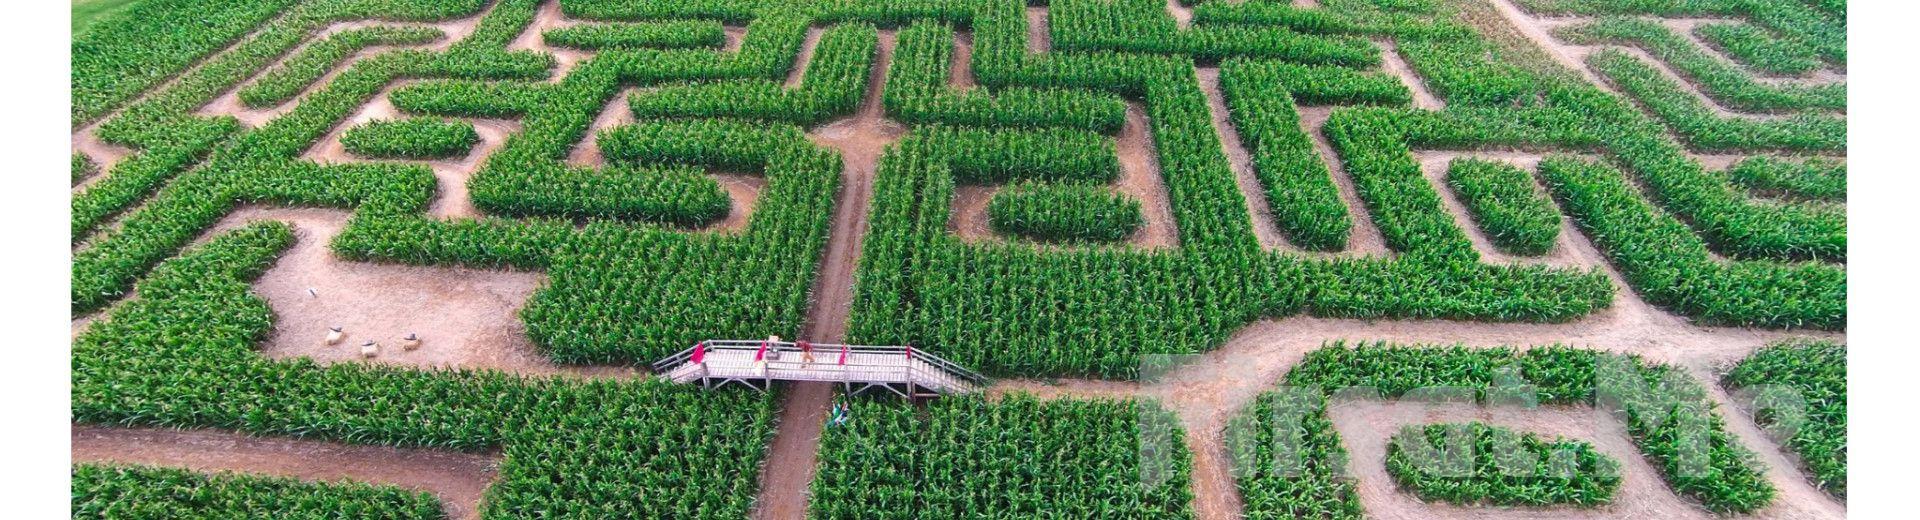 Doğanın Ortasında Corn Maze İstanbul'da Mısır Labirenti ve Korku Labirenti Giriş Bileti